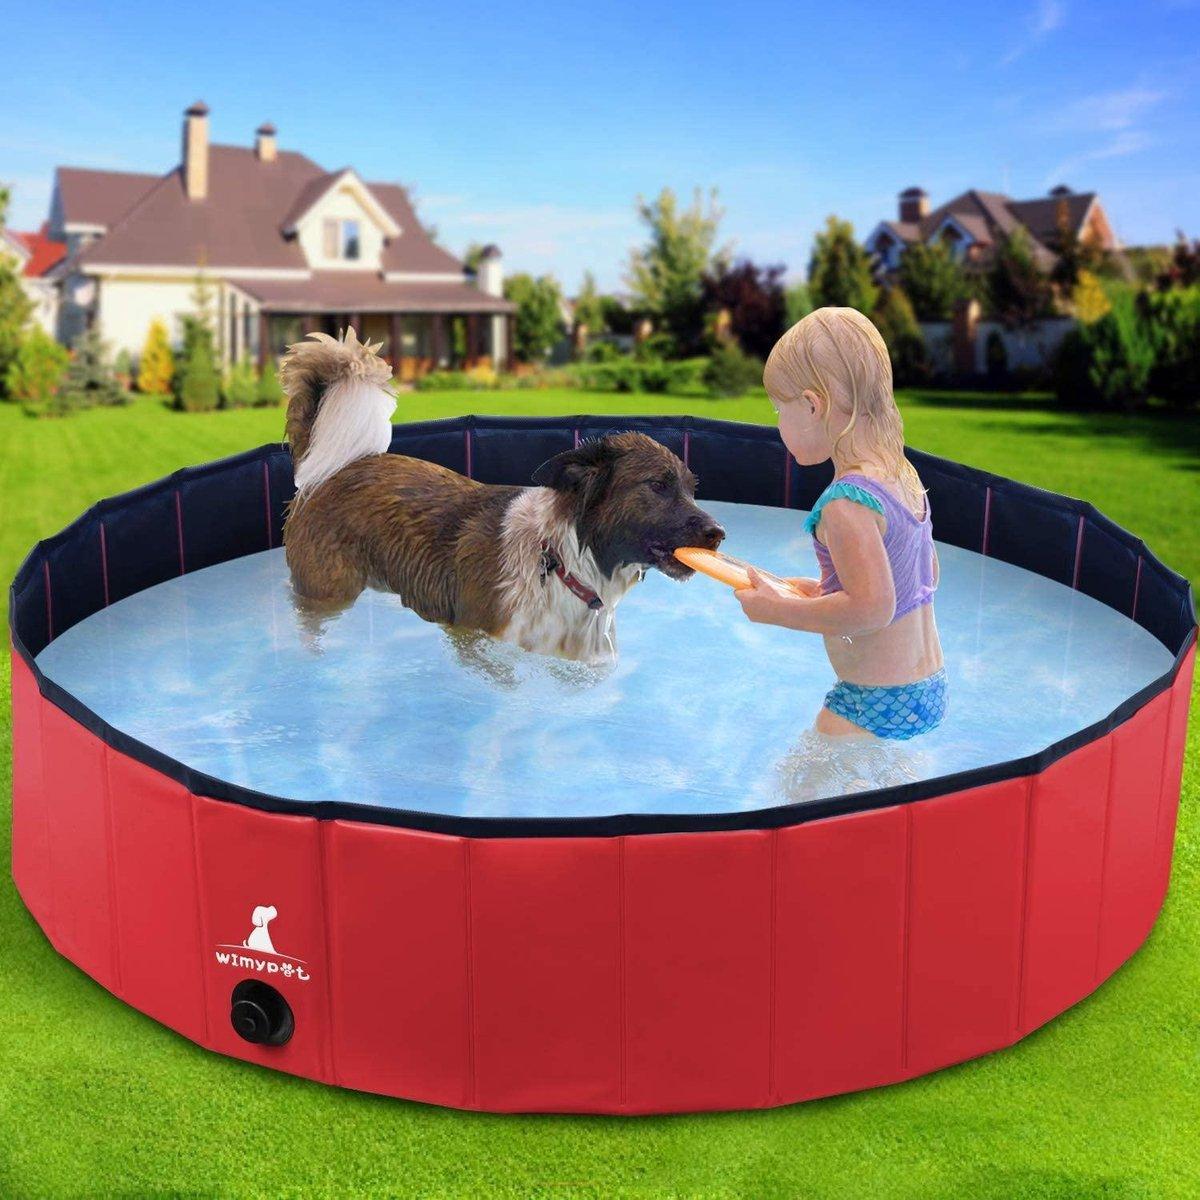 Opvouwbaar Zwembad | Hondenzwembad | Kinderzwembad | 80 x 20 cm